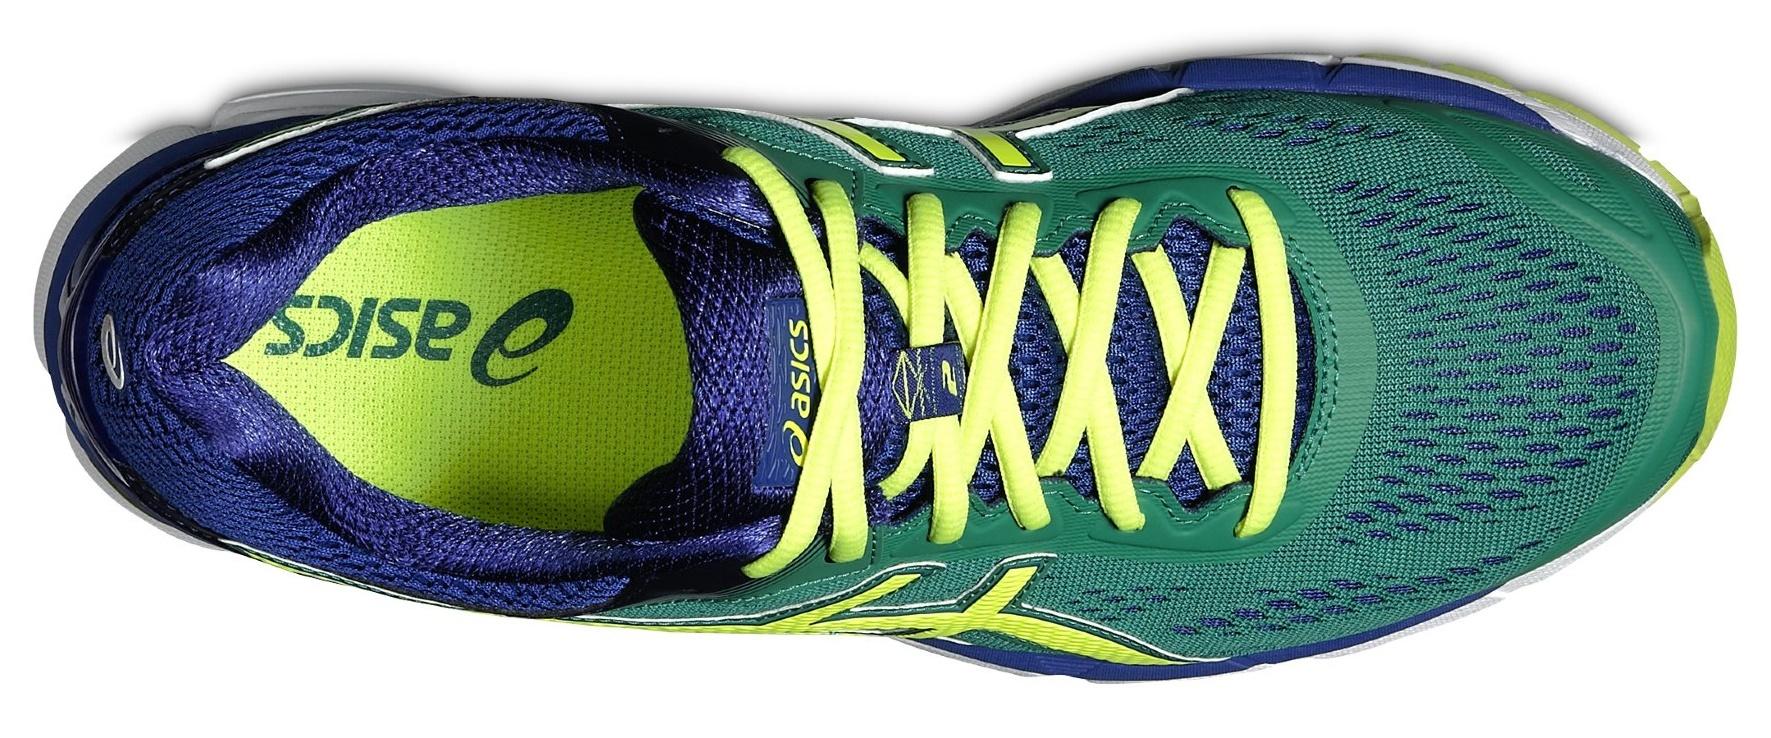 Мужские беговые кроссовки Asics Gel-Pursue 2 (T5D0N 8807) зеленые фото